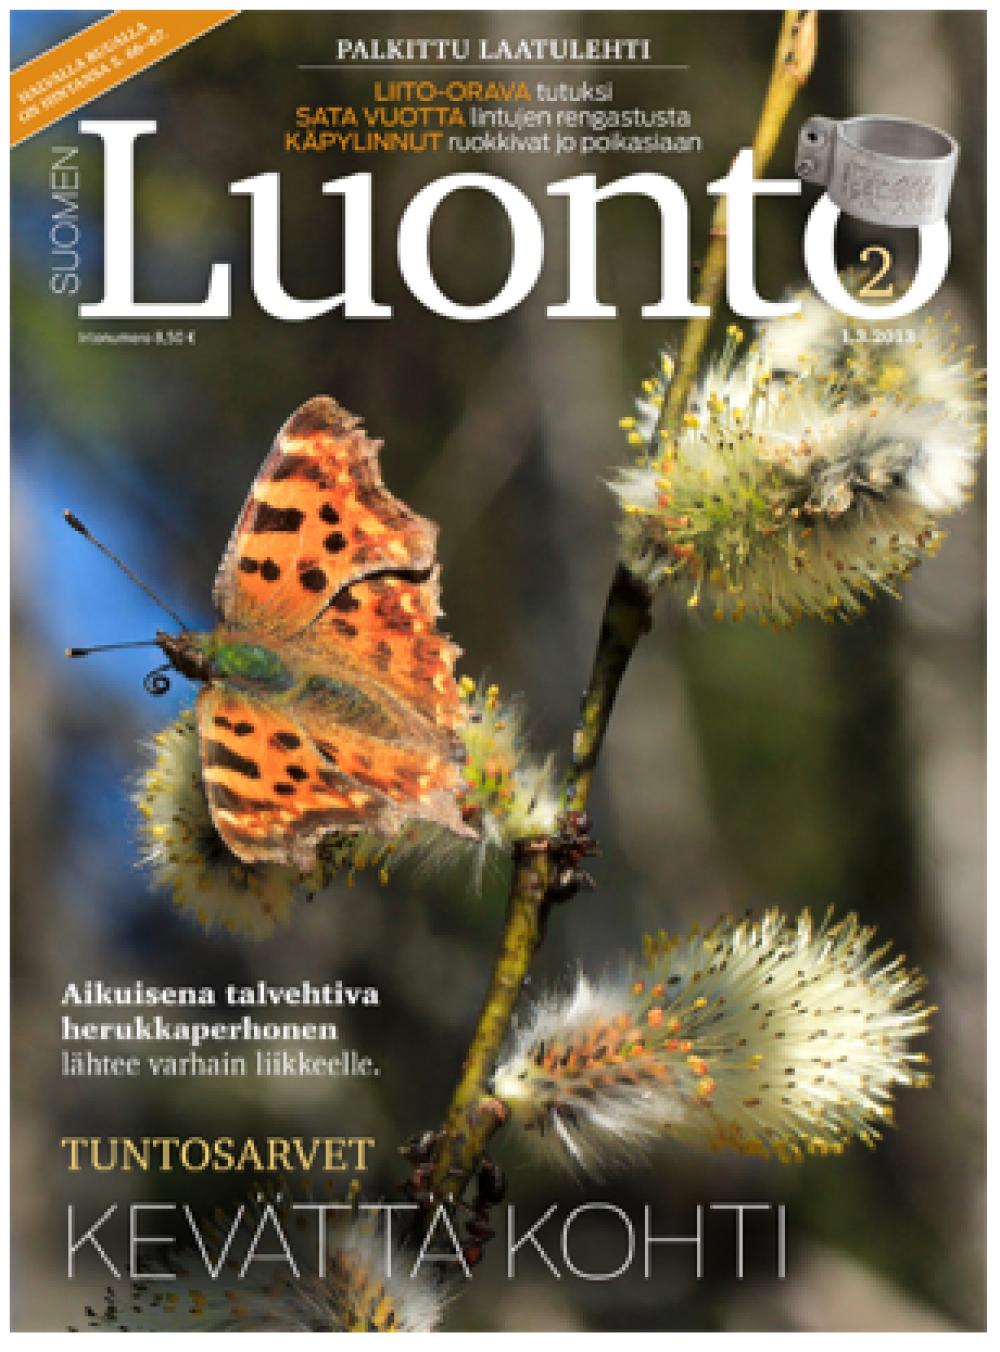 Suomen Luonto -lehden kansi.